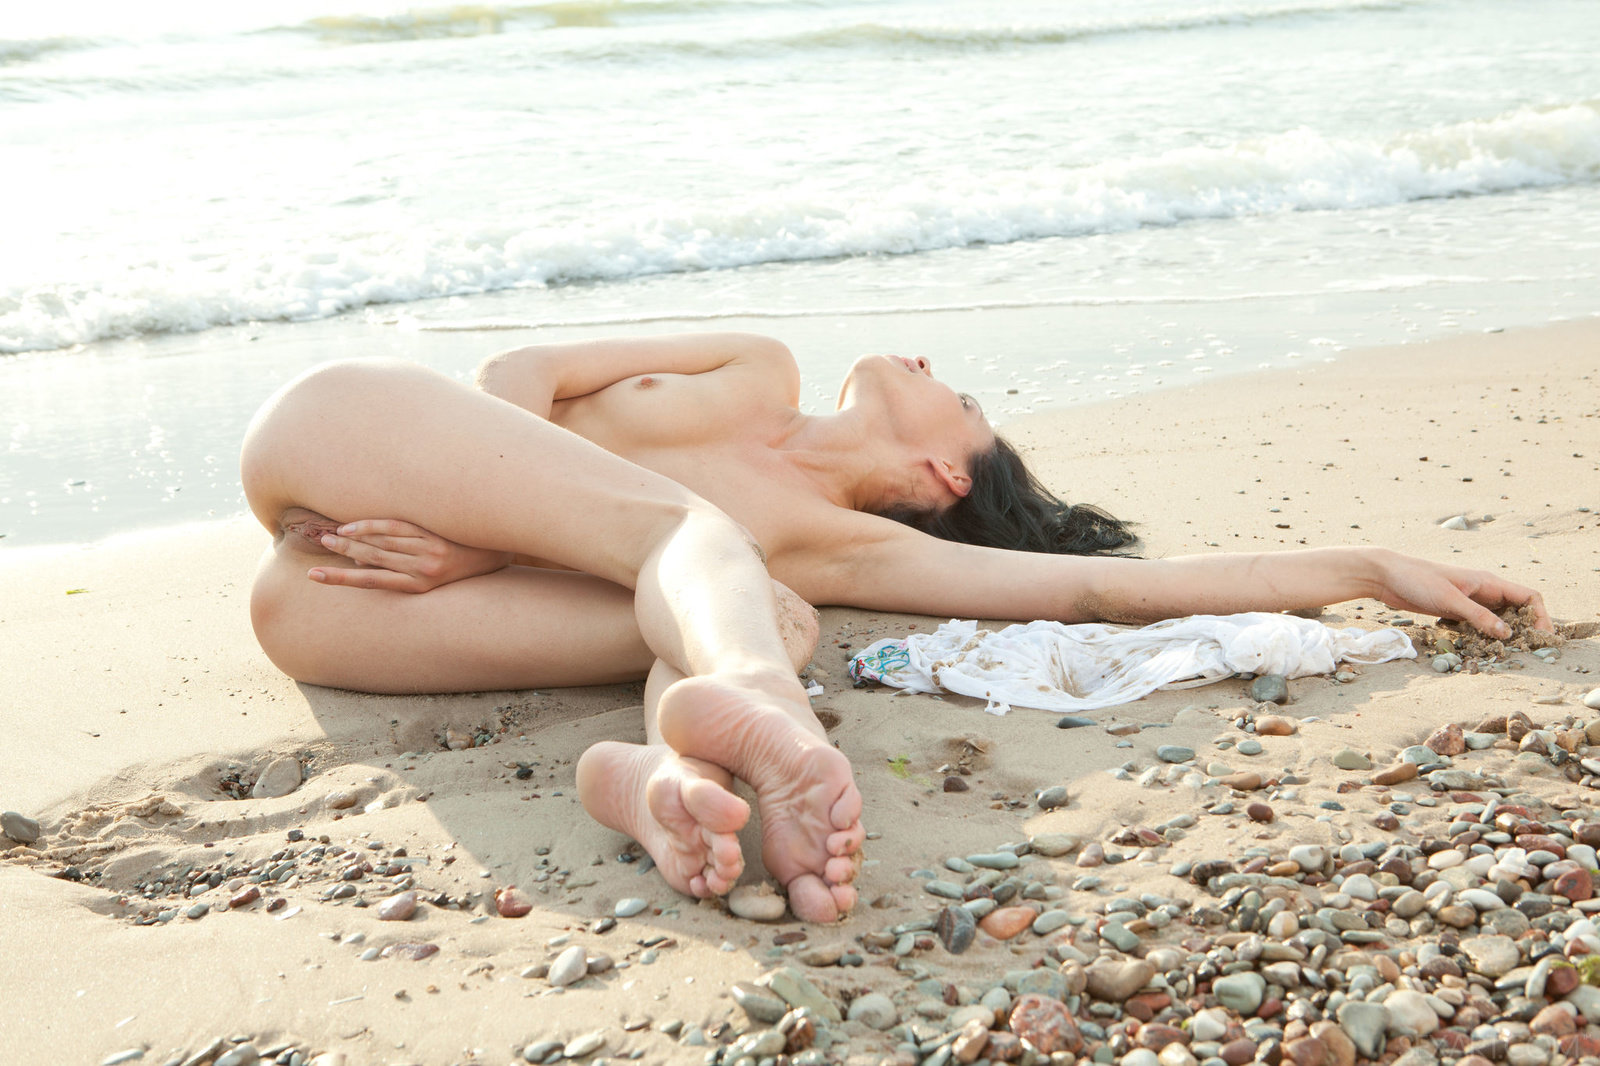 Zdjęcie porno - 10 5 - Masturbacja na plaży